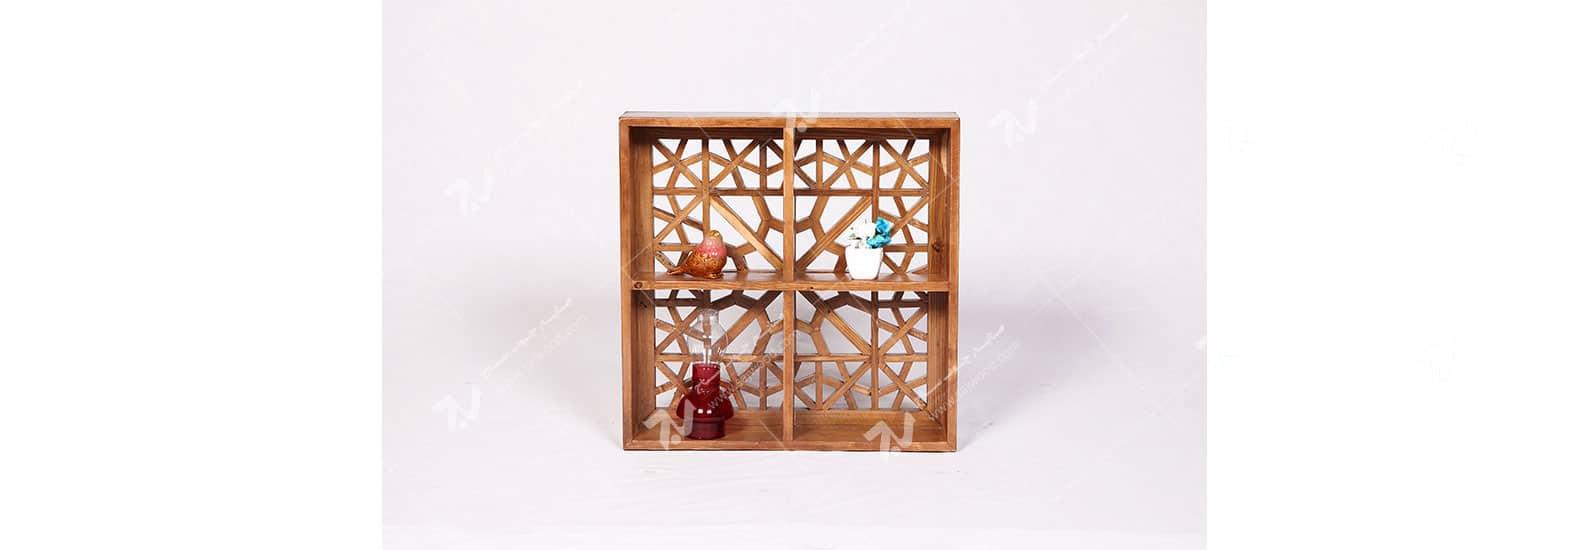 دکوری (شلف ، باکس دیواری ) چوبی سنتی مشبک گره چینی - آذین کد ۶۰۵